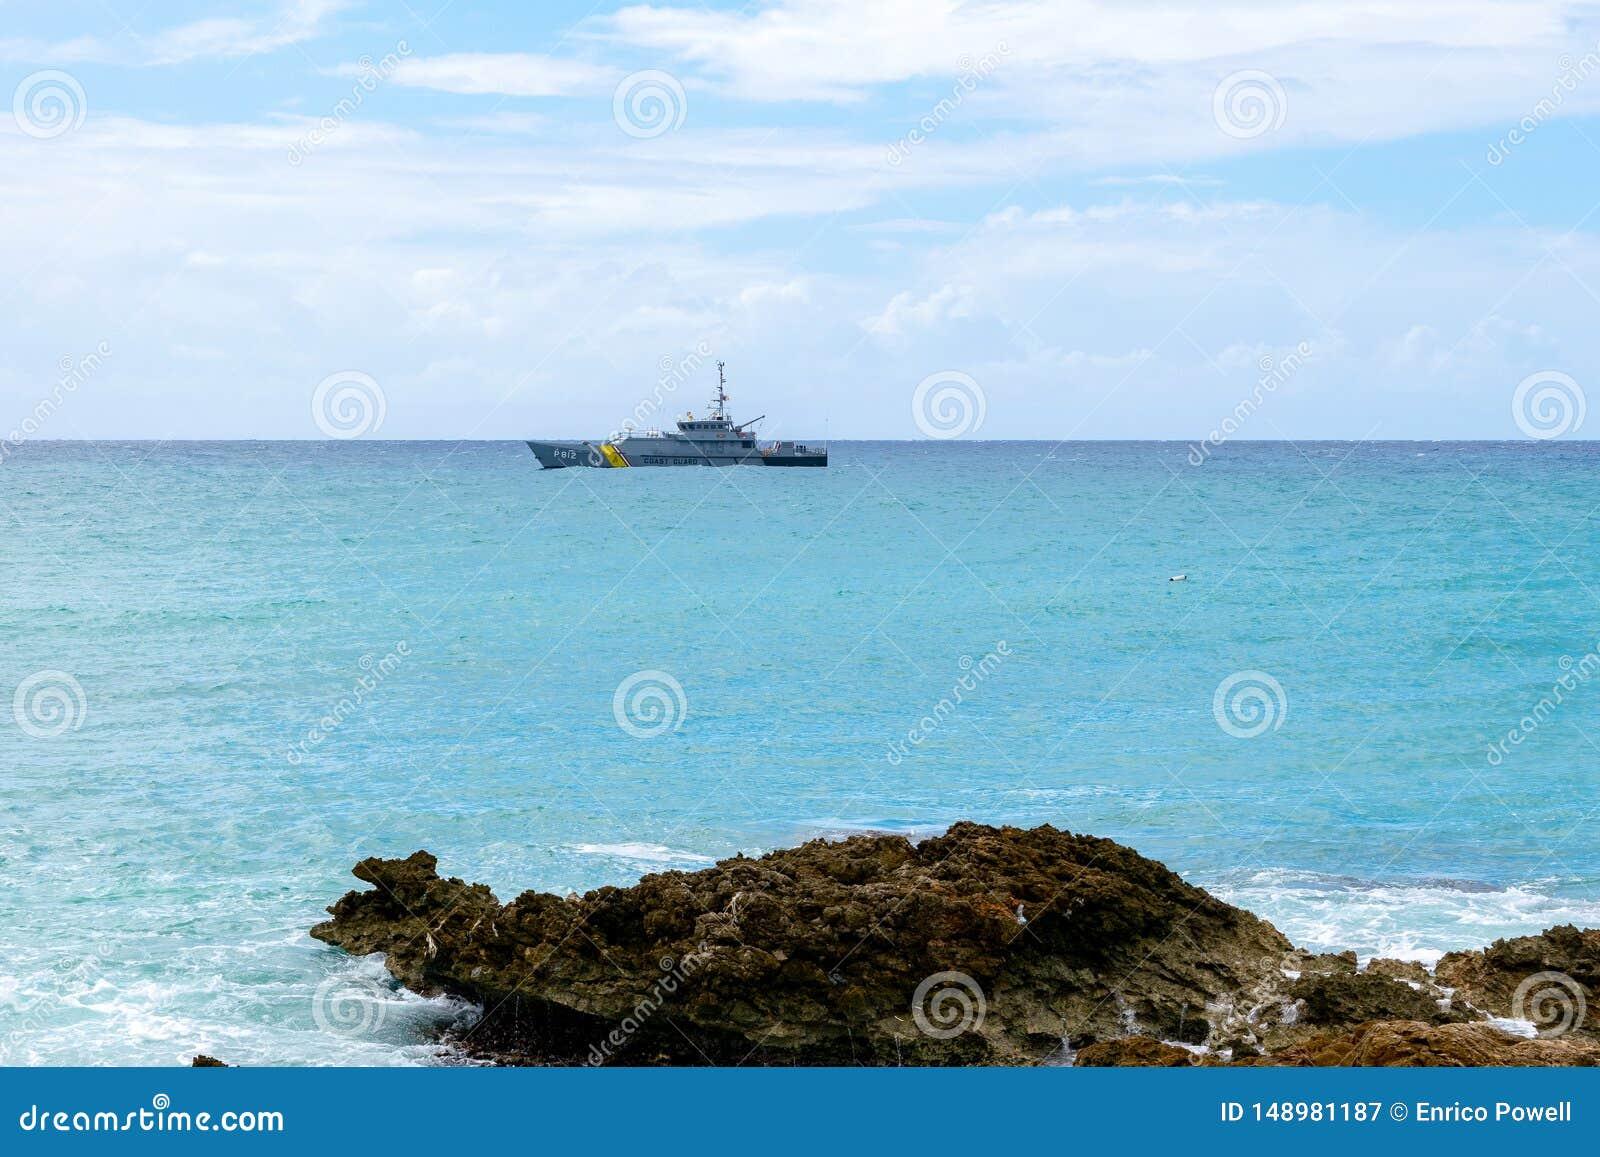 Ηλιόλουστη θερινή ημέρα κατά μήκος της τροπικής ακτής νησιών Καραϊβικής